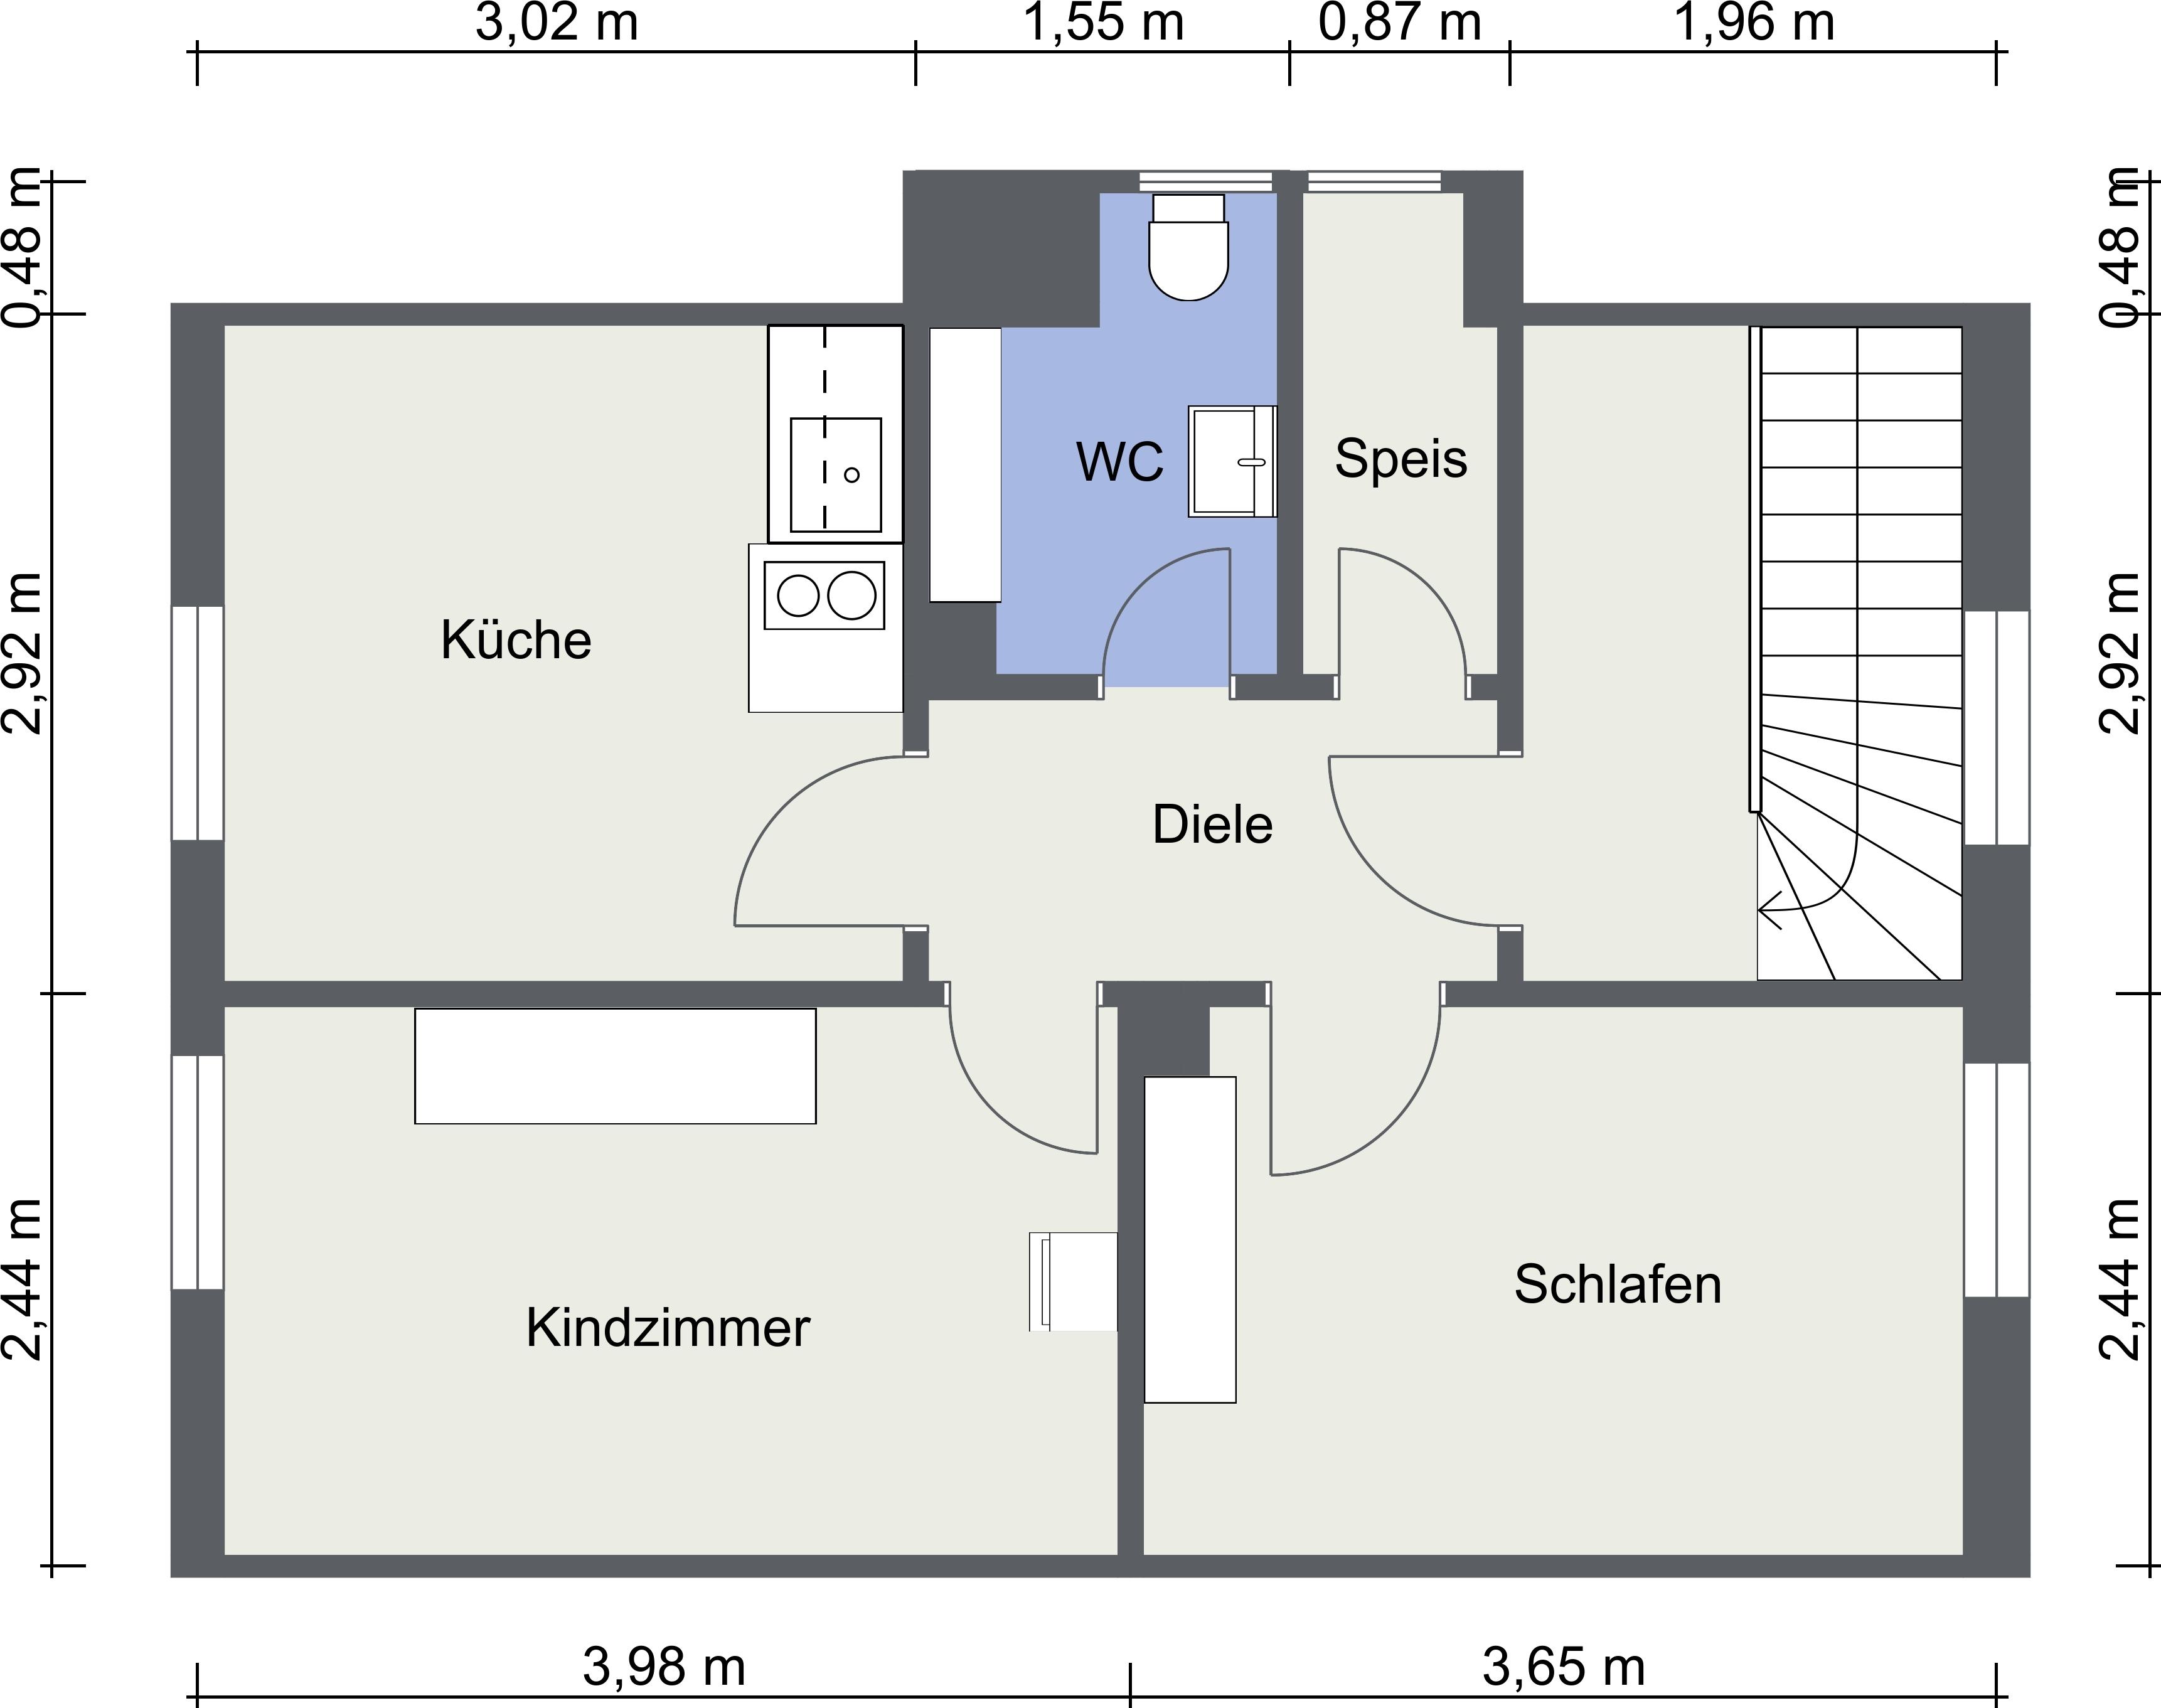 Dachgeschoss - 2D Floor Plan